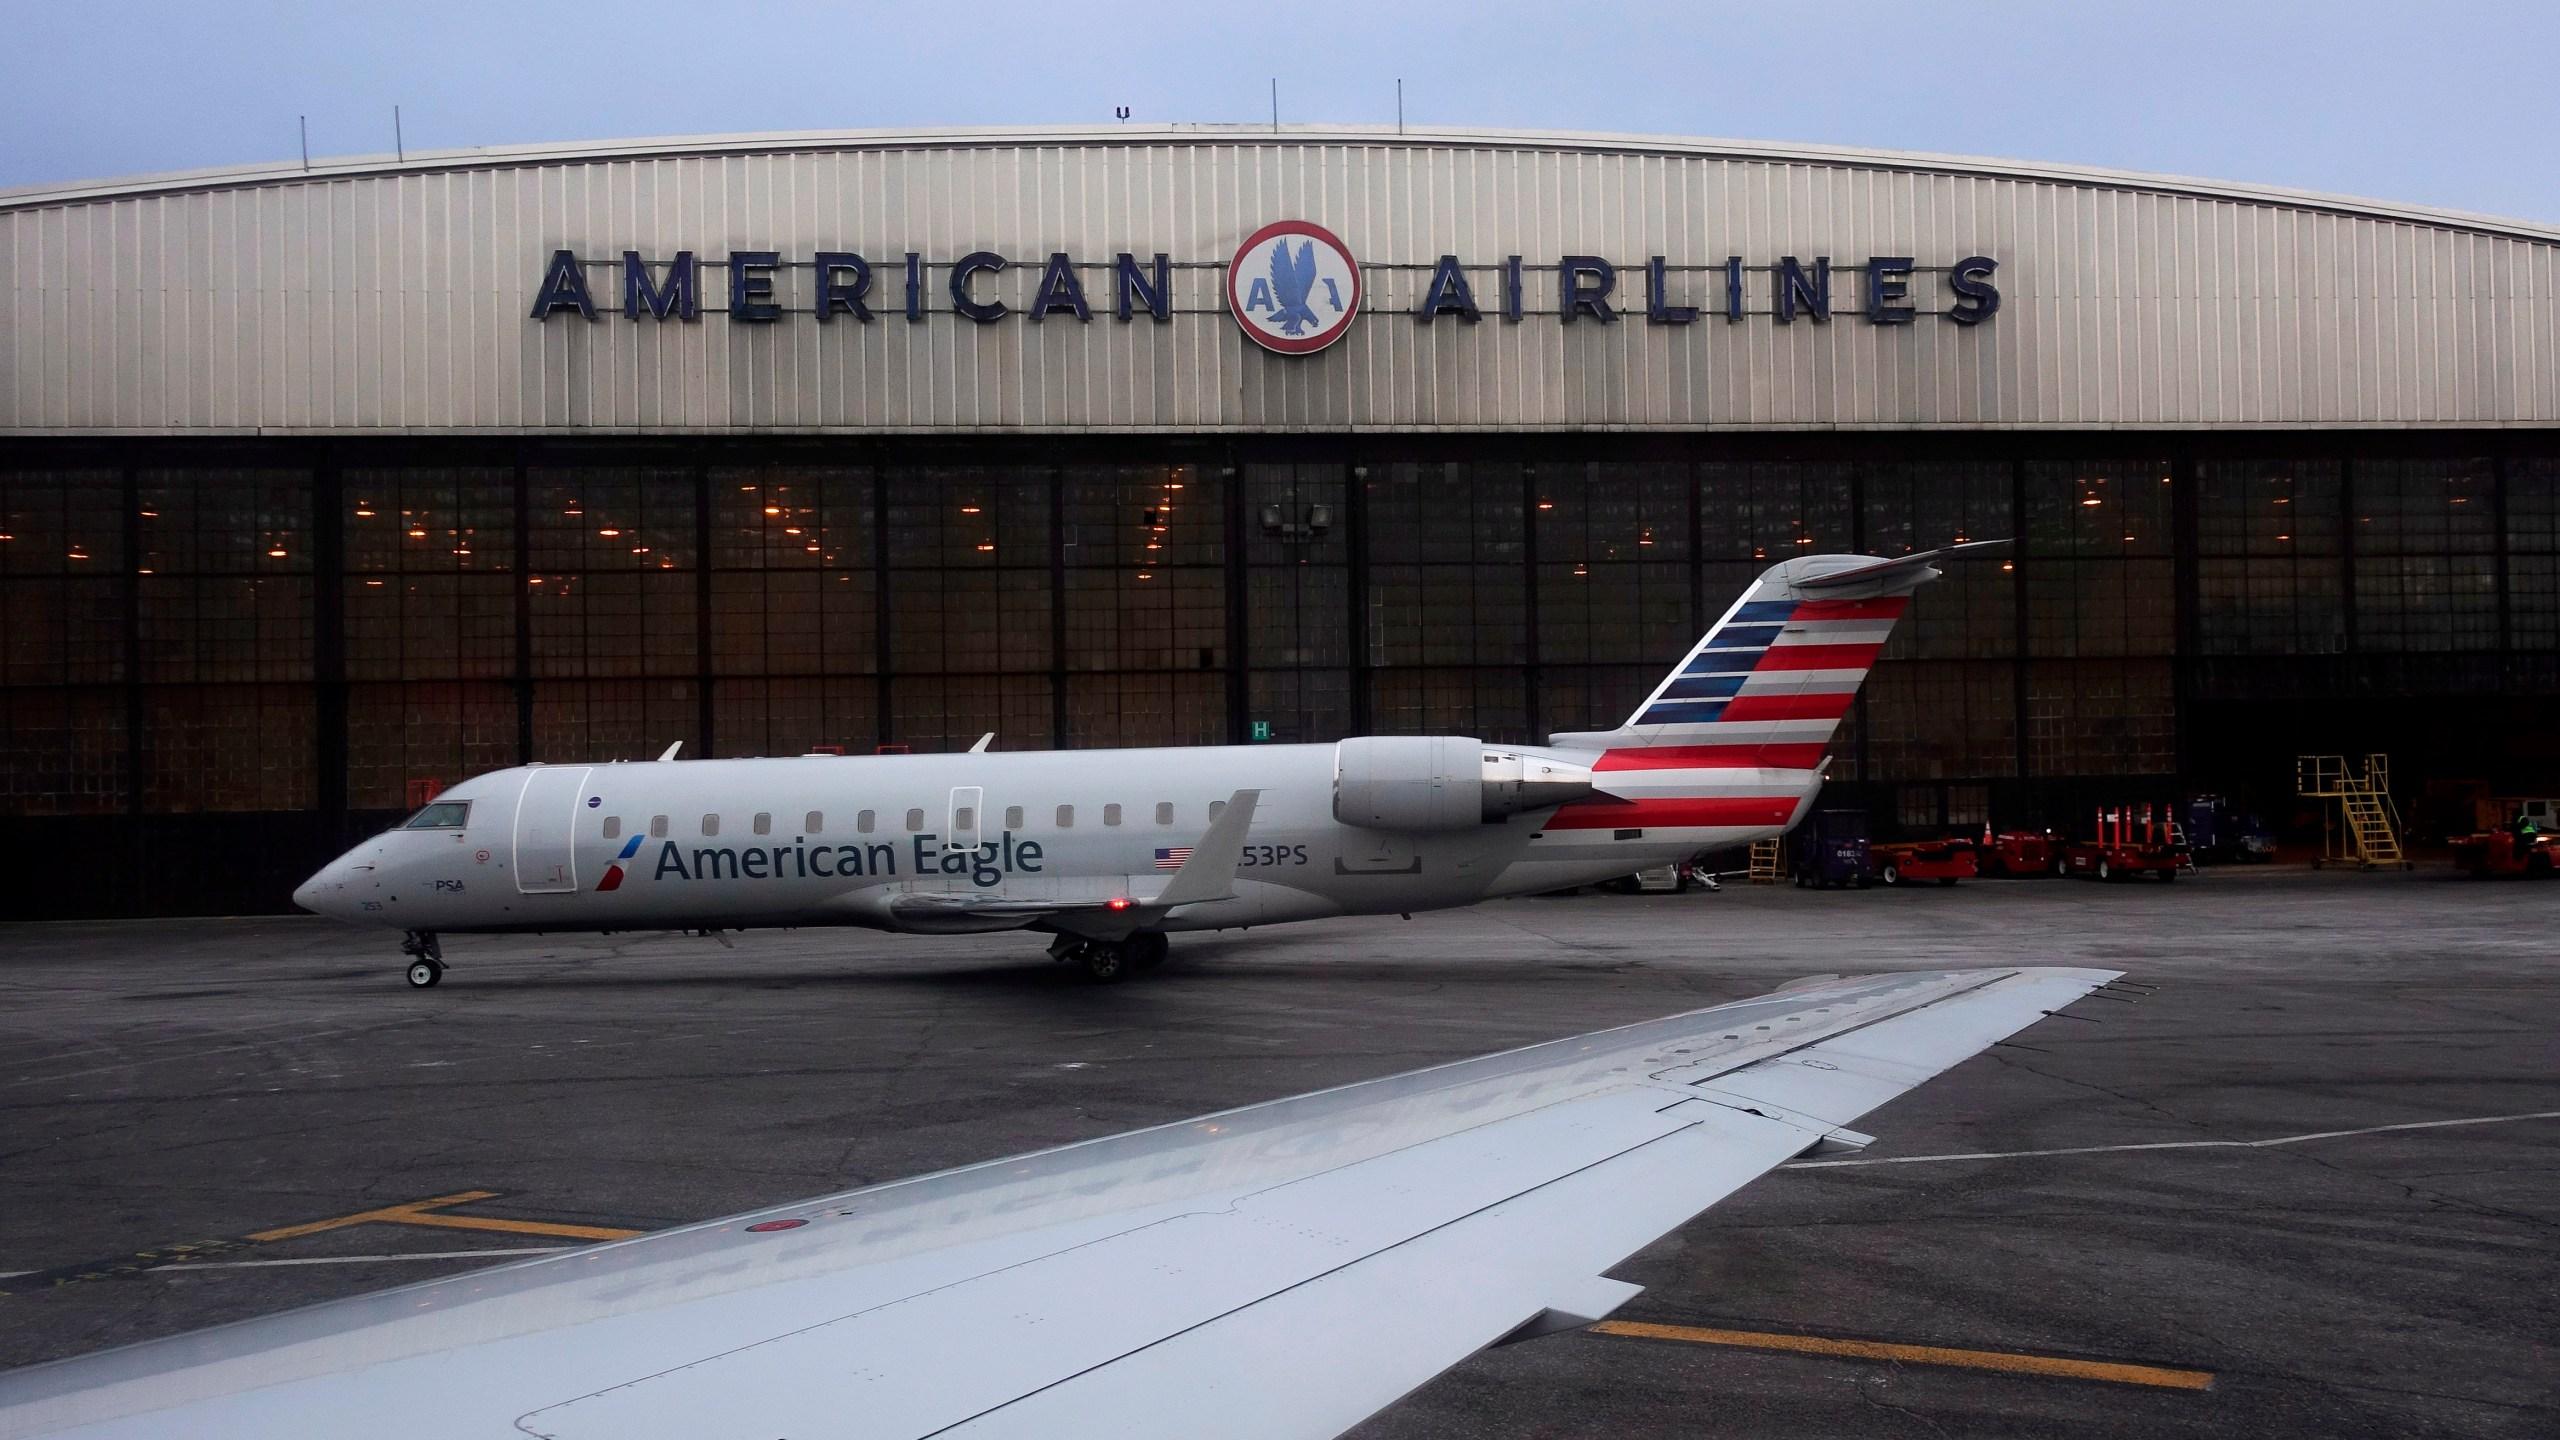 American_Airlines_Stranded_Passengers_15613-159532.jpg90809487